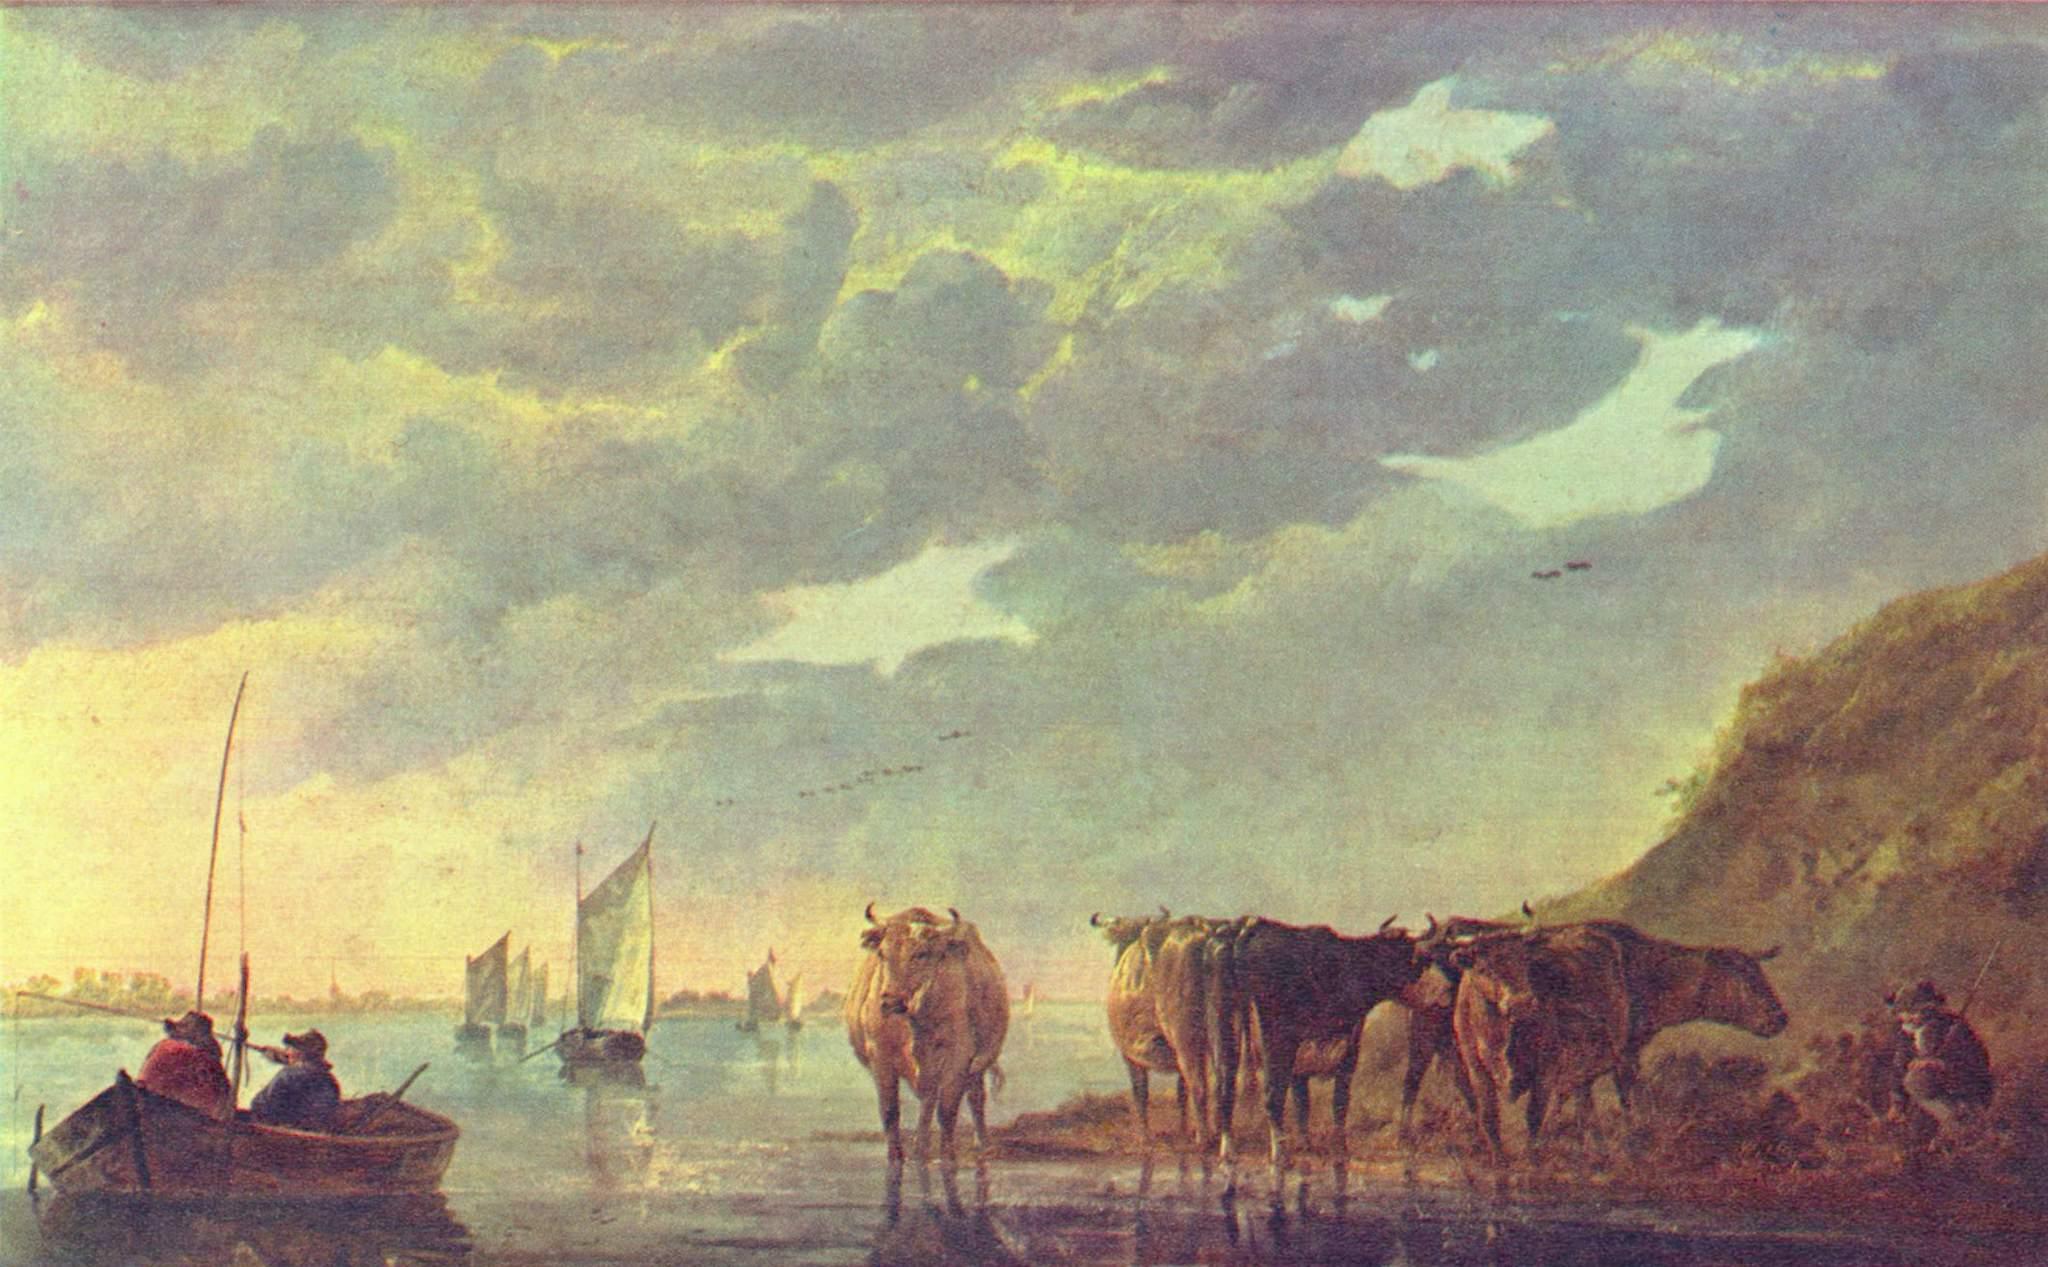 Пастух с пятью коровами у реки, Кейп Альберт